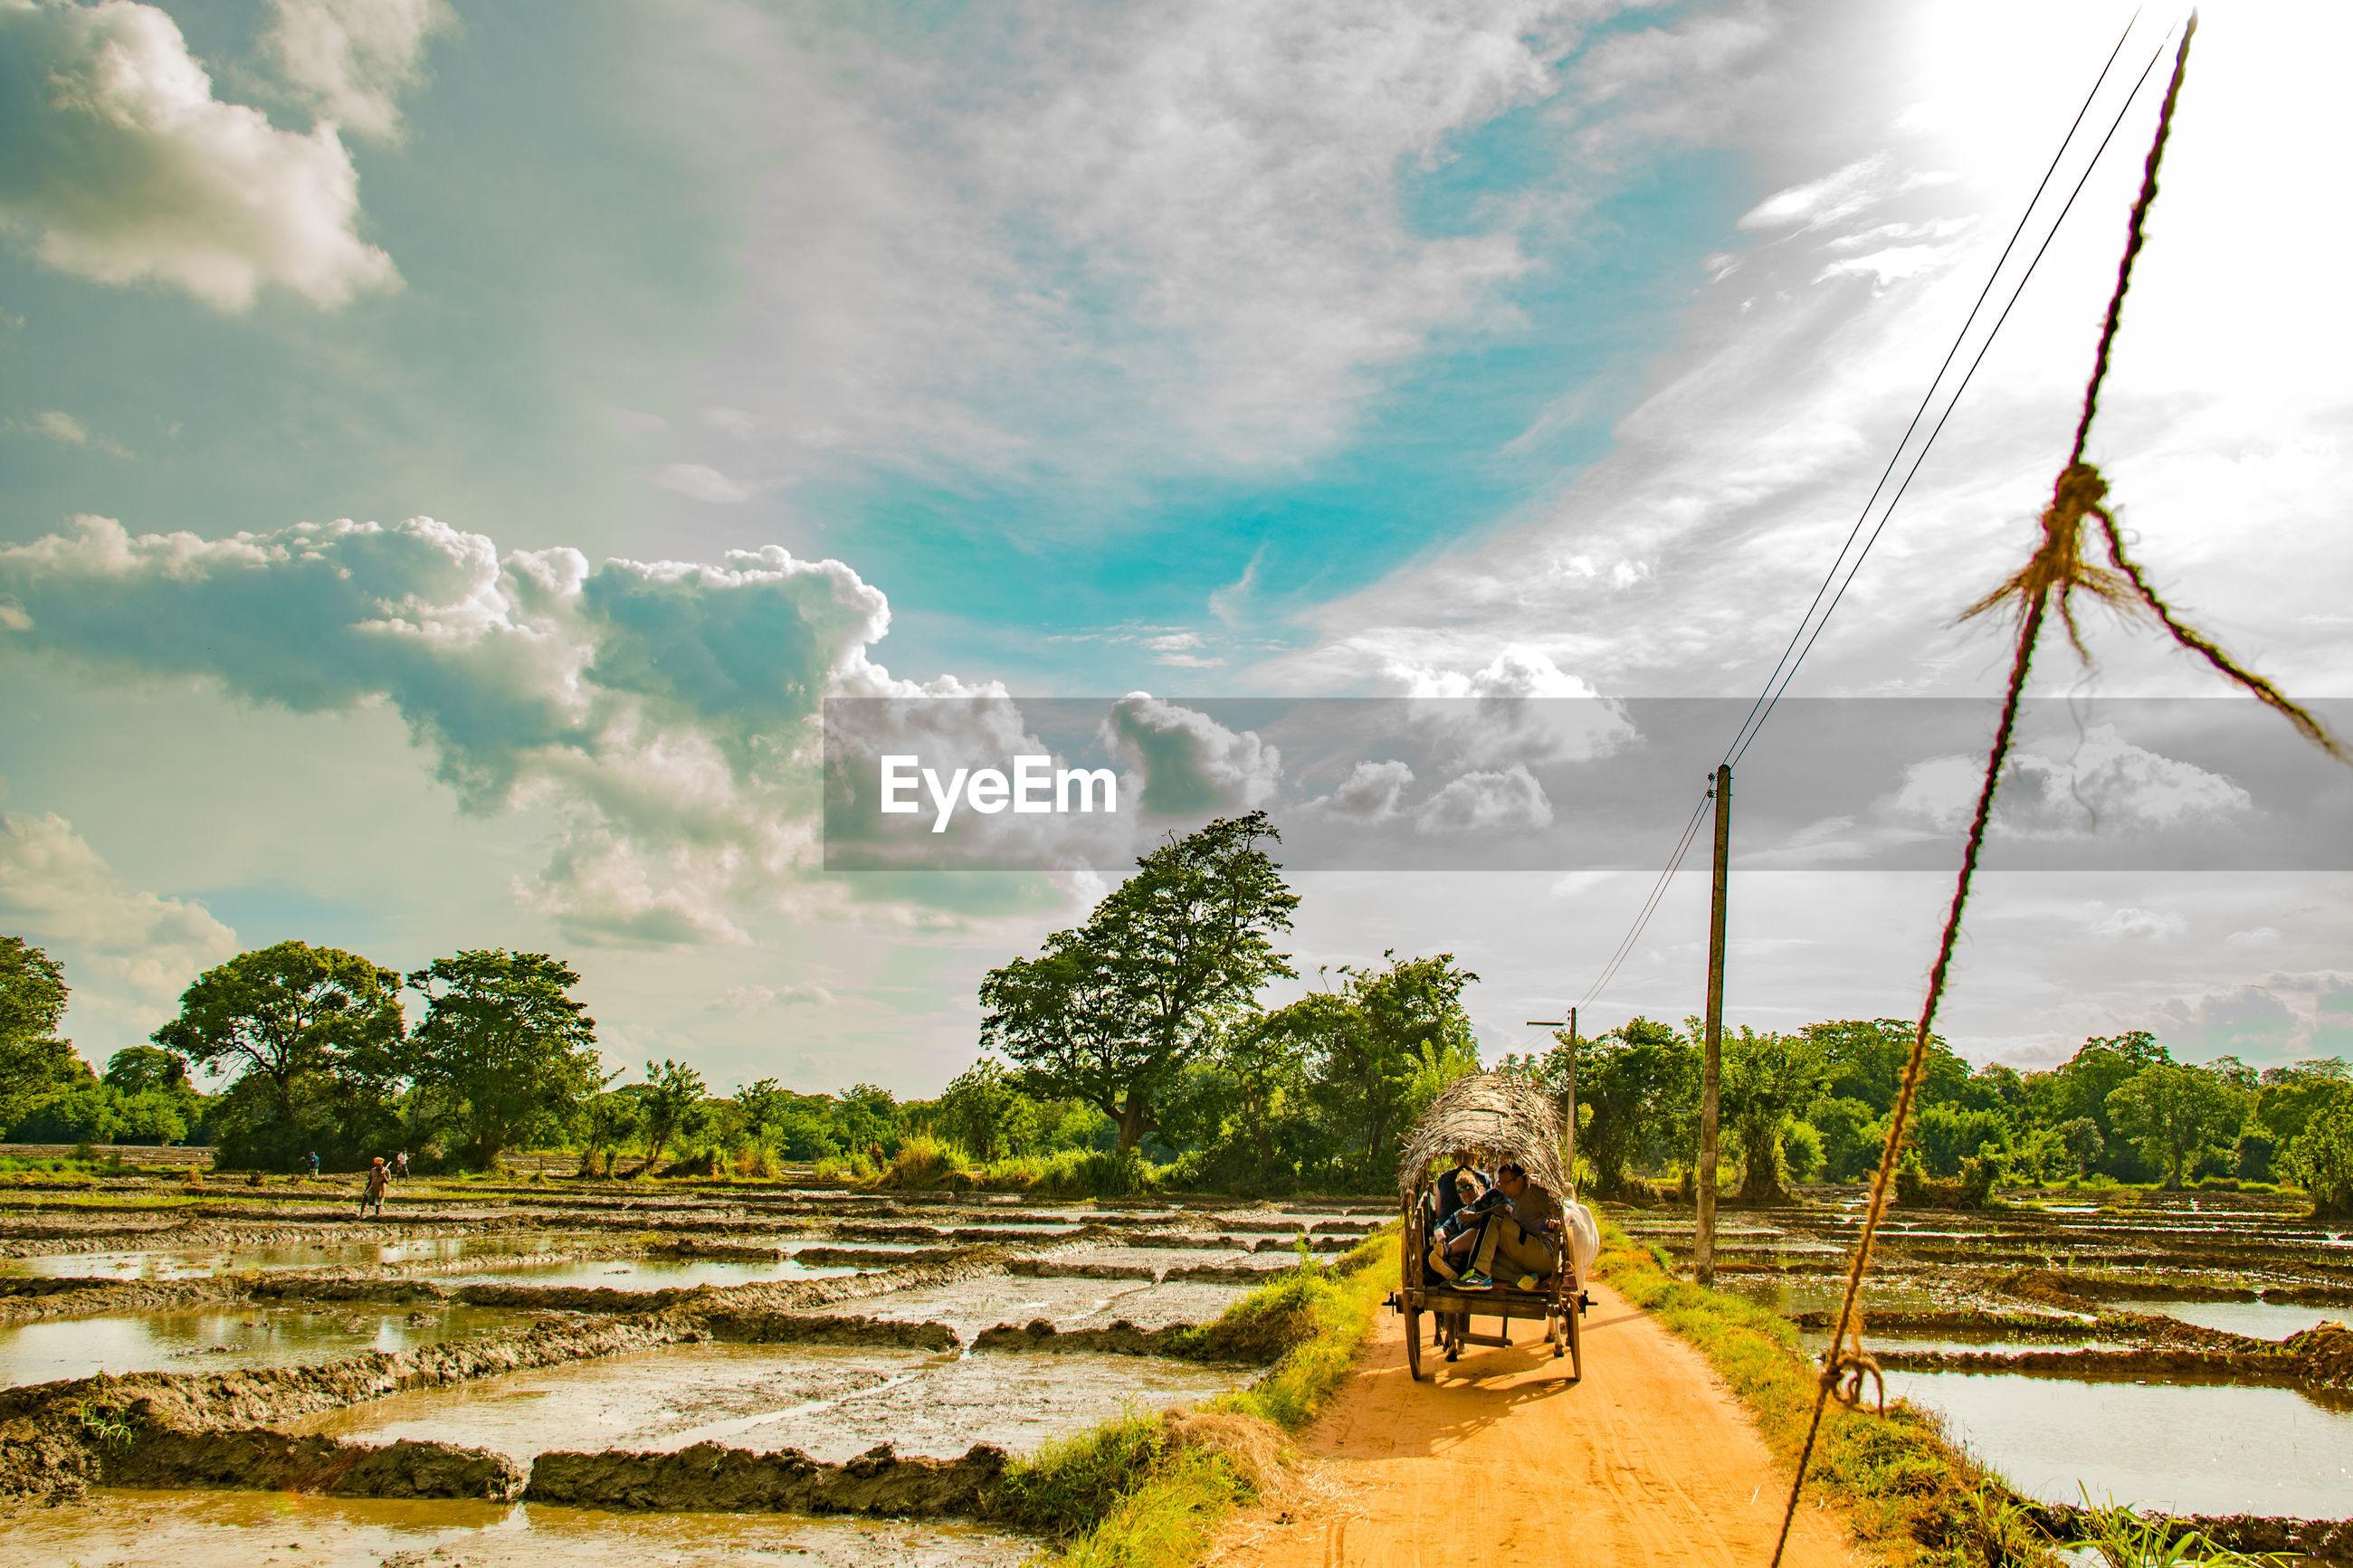 People in cart on dirt road against sky